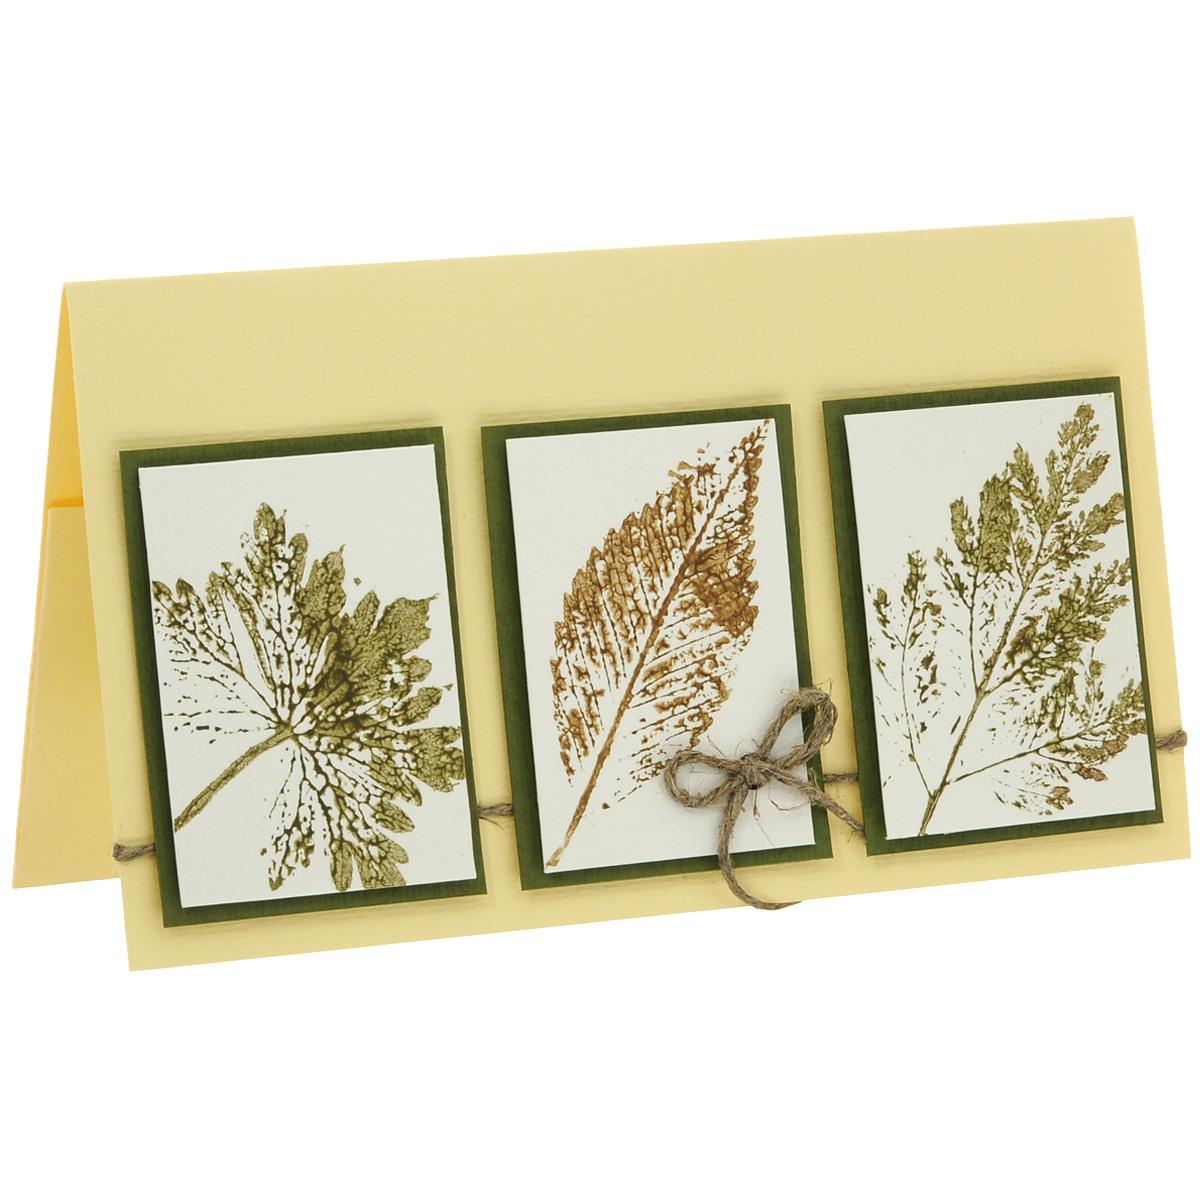 ОРАЗ-0005 Открытка-конверт (штампированные листья). Студия «Тётя Роза»94981Характеристики: Размер 19 см x 11 см.Материал: Высоко-художественный картон, бумага, декор. Данная открытка может стать как прекрасным дополнением к вашему подарку, так и самостоятельным подарком. Так как открытка является и конвертом, в который вы можете вложить ваш денежный подарок или просто написать ваши пожелания на вкладыше. Природная чистота и выразительность прочитываются в отпечатках настоящих осенних листьев в рамочках, сделанных акриловыми красками вручную. Натуральные цвета и льняной шнур не нарушают чистоты восприятия. Отсутствие надписи позволяет использовать данный конверт для любого значимого события. Также открытка упакована в пакетик для сохранности.Обращаем Ваше внимание на то, что открытка может незначительно отличаться от представленной на фото.Открытки ручной работы от студии Тётя Роза отличаются своим неповторимым и ярким стилем. Каждая уникальна и выполнена вручную мастерами студии. (Открытка для мужчин, открытка для женщины, открытка на день рождения, открытка с днем свадьбы, открытка винтаж, открытка с юбилеем, открытка на все случаи, скрапбукинг)